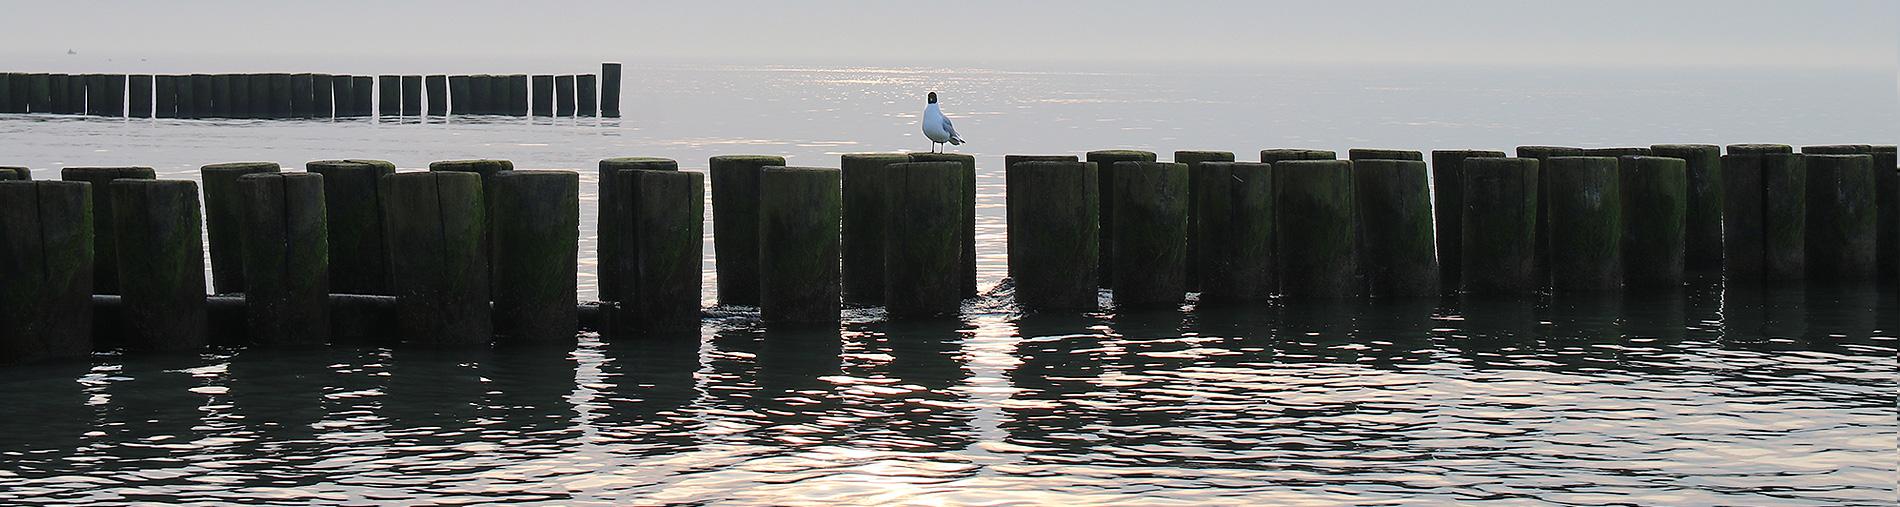 Möwe sitzt auf Buhnenreihe am Strand von Ahrenshoop